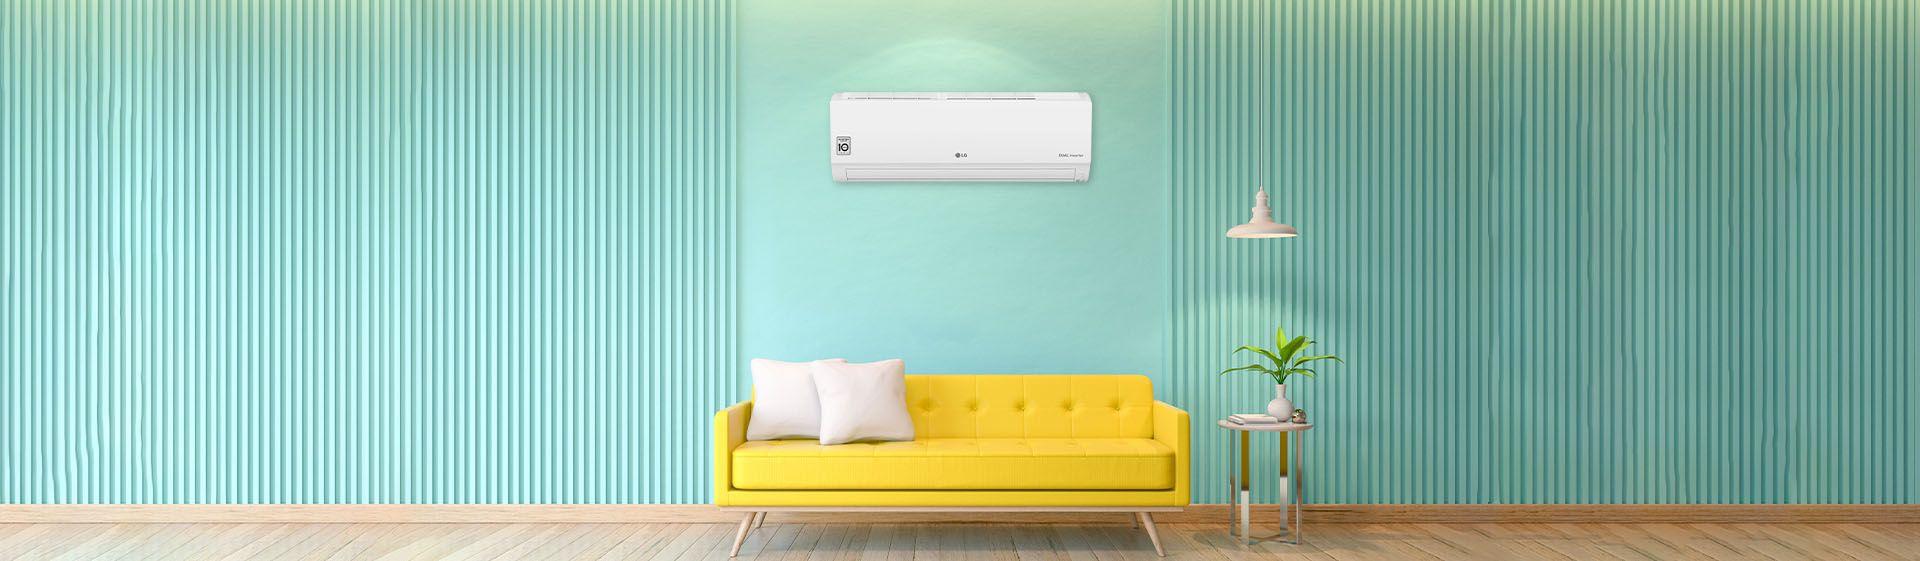 3 funções do ar-condicionado que ajudam a economizar energia no verão